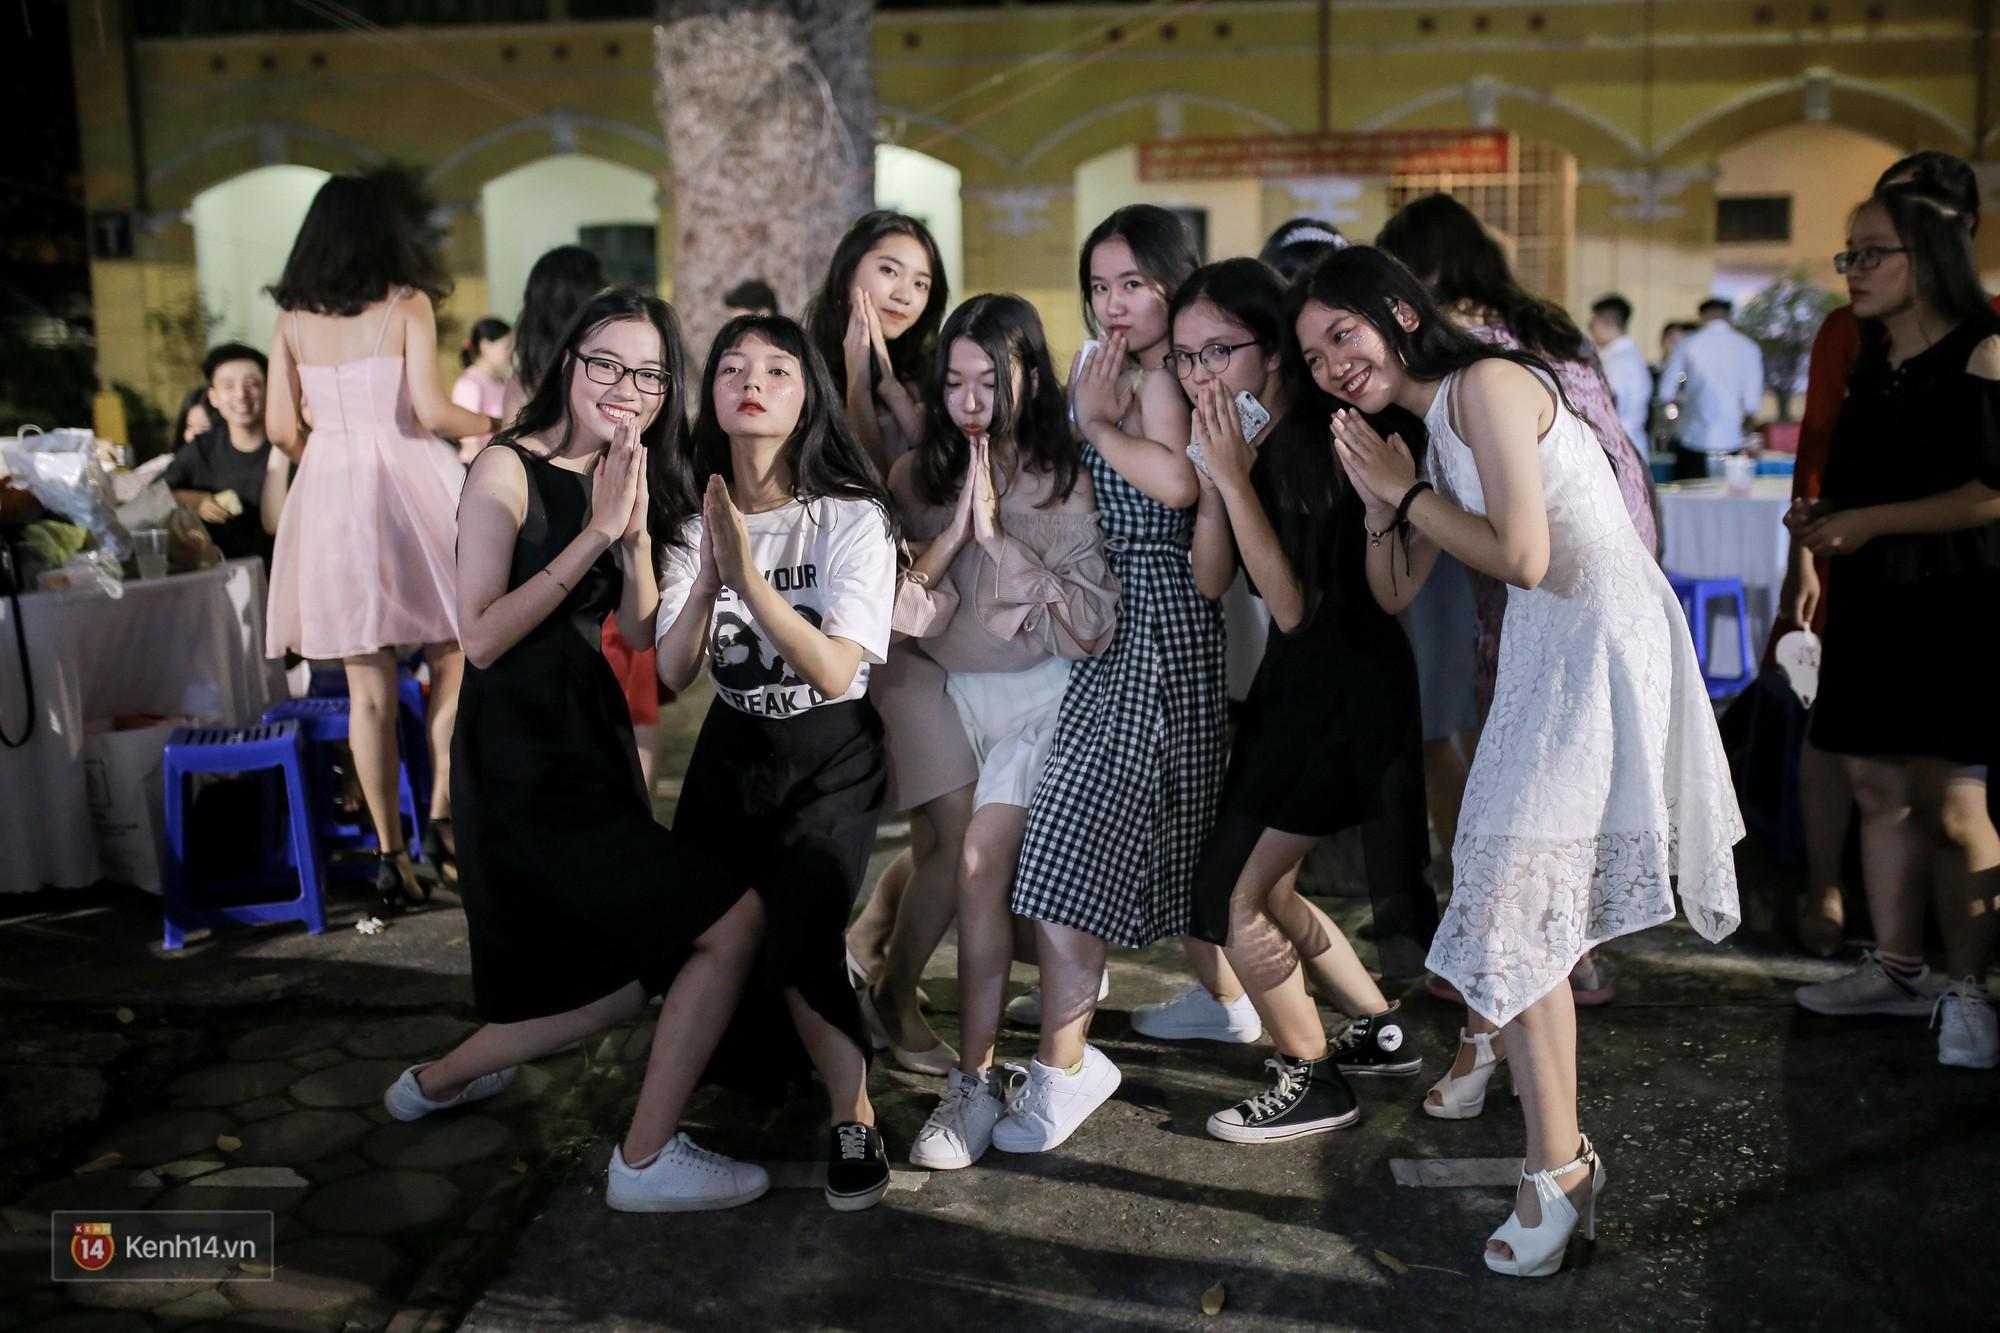 Nữ sinh Chu Văn An xinh đẹp ngẩn ngơ trong đêm tri ân/ trưởng thành-9